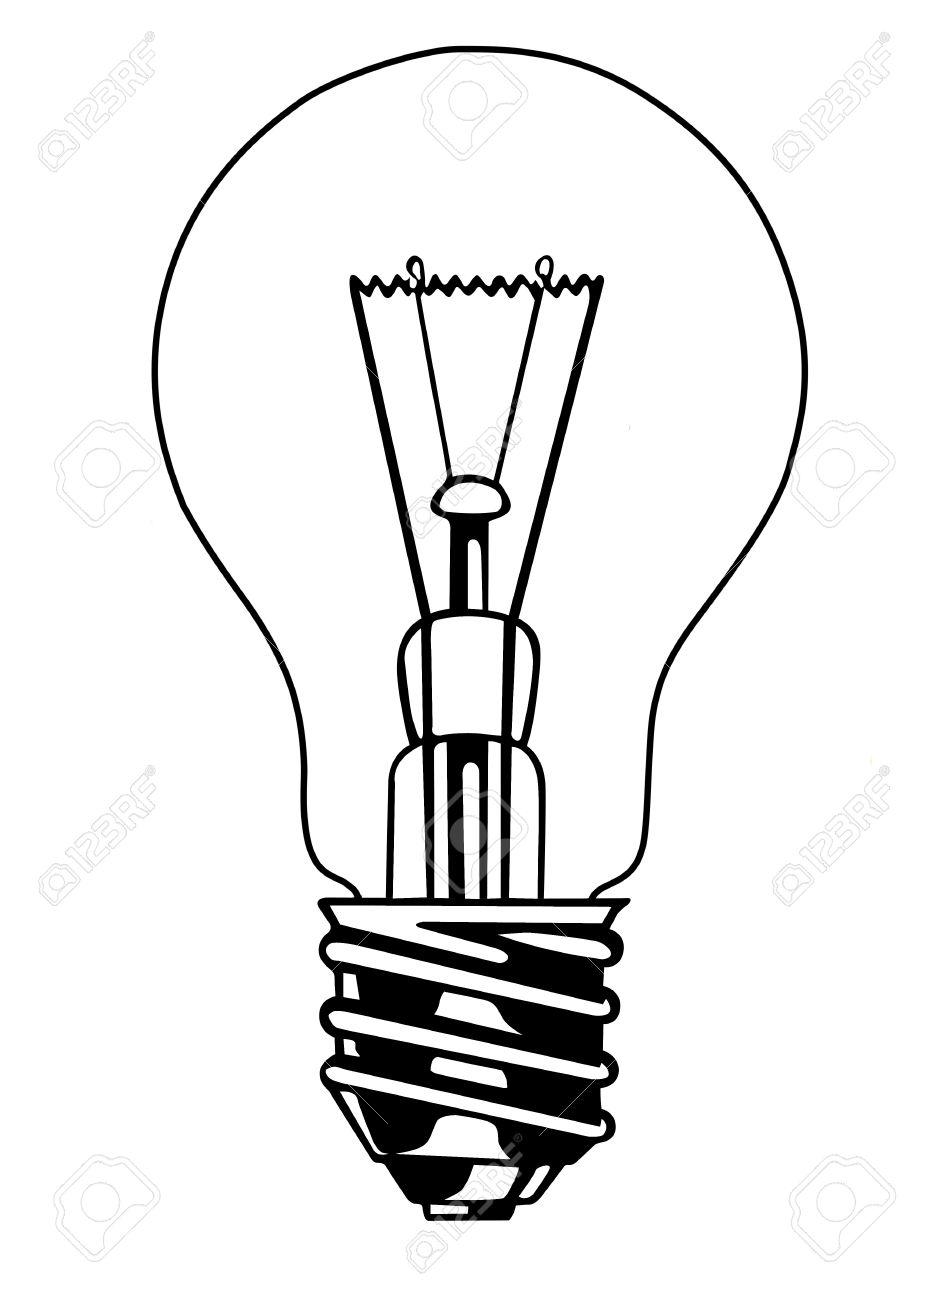 Diwali Lamp Drawing